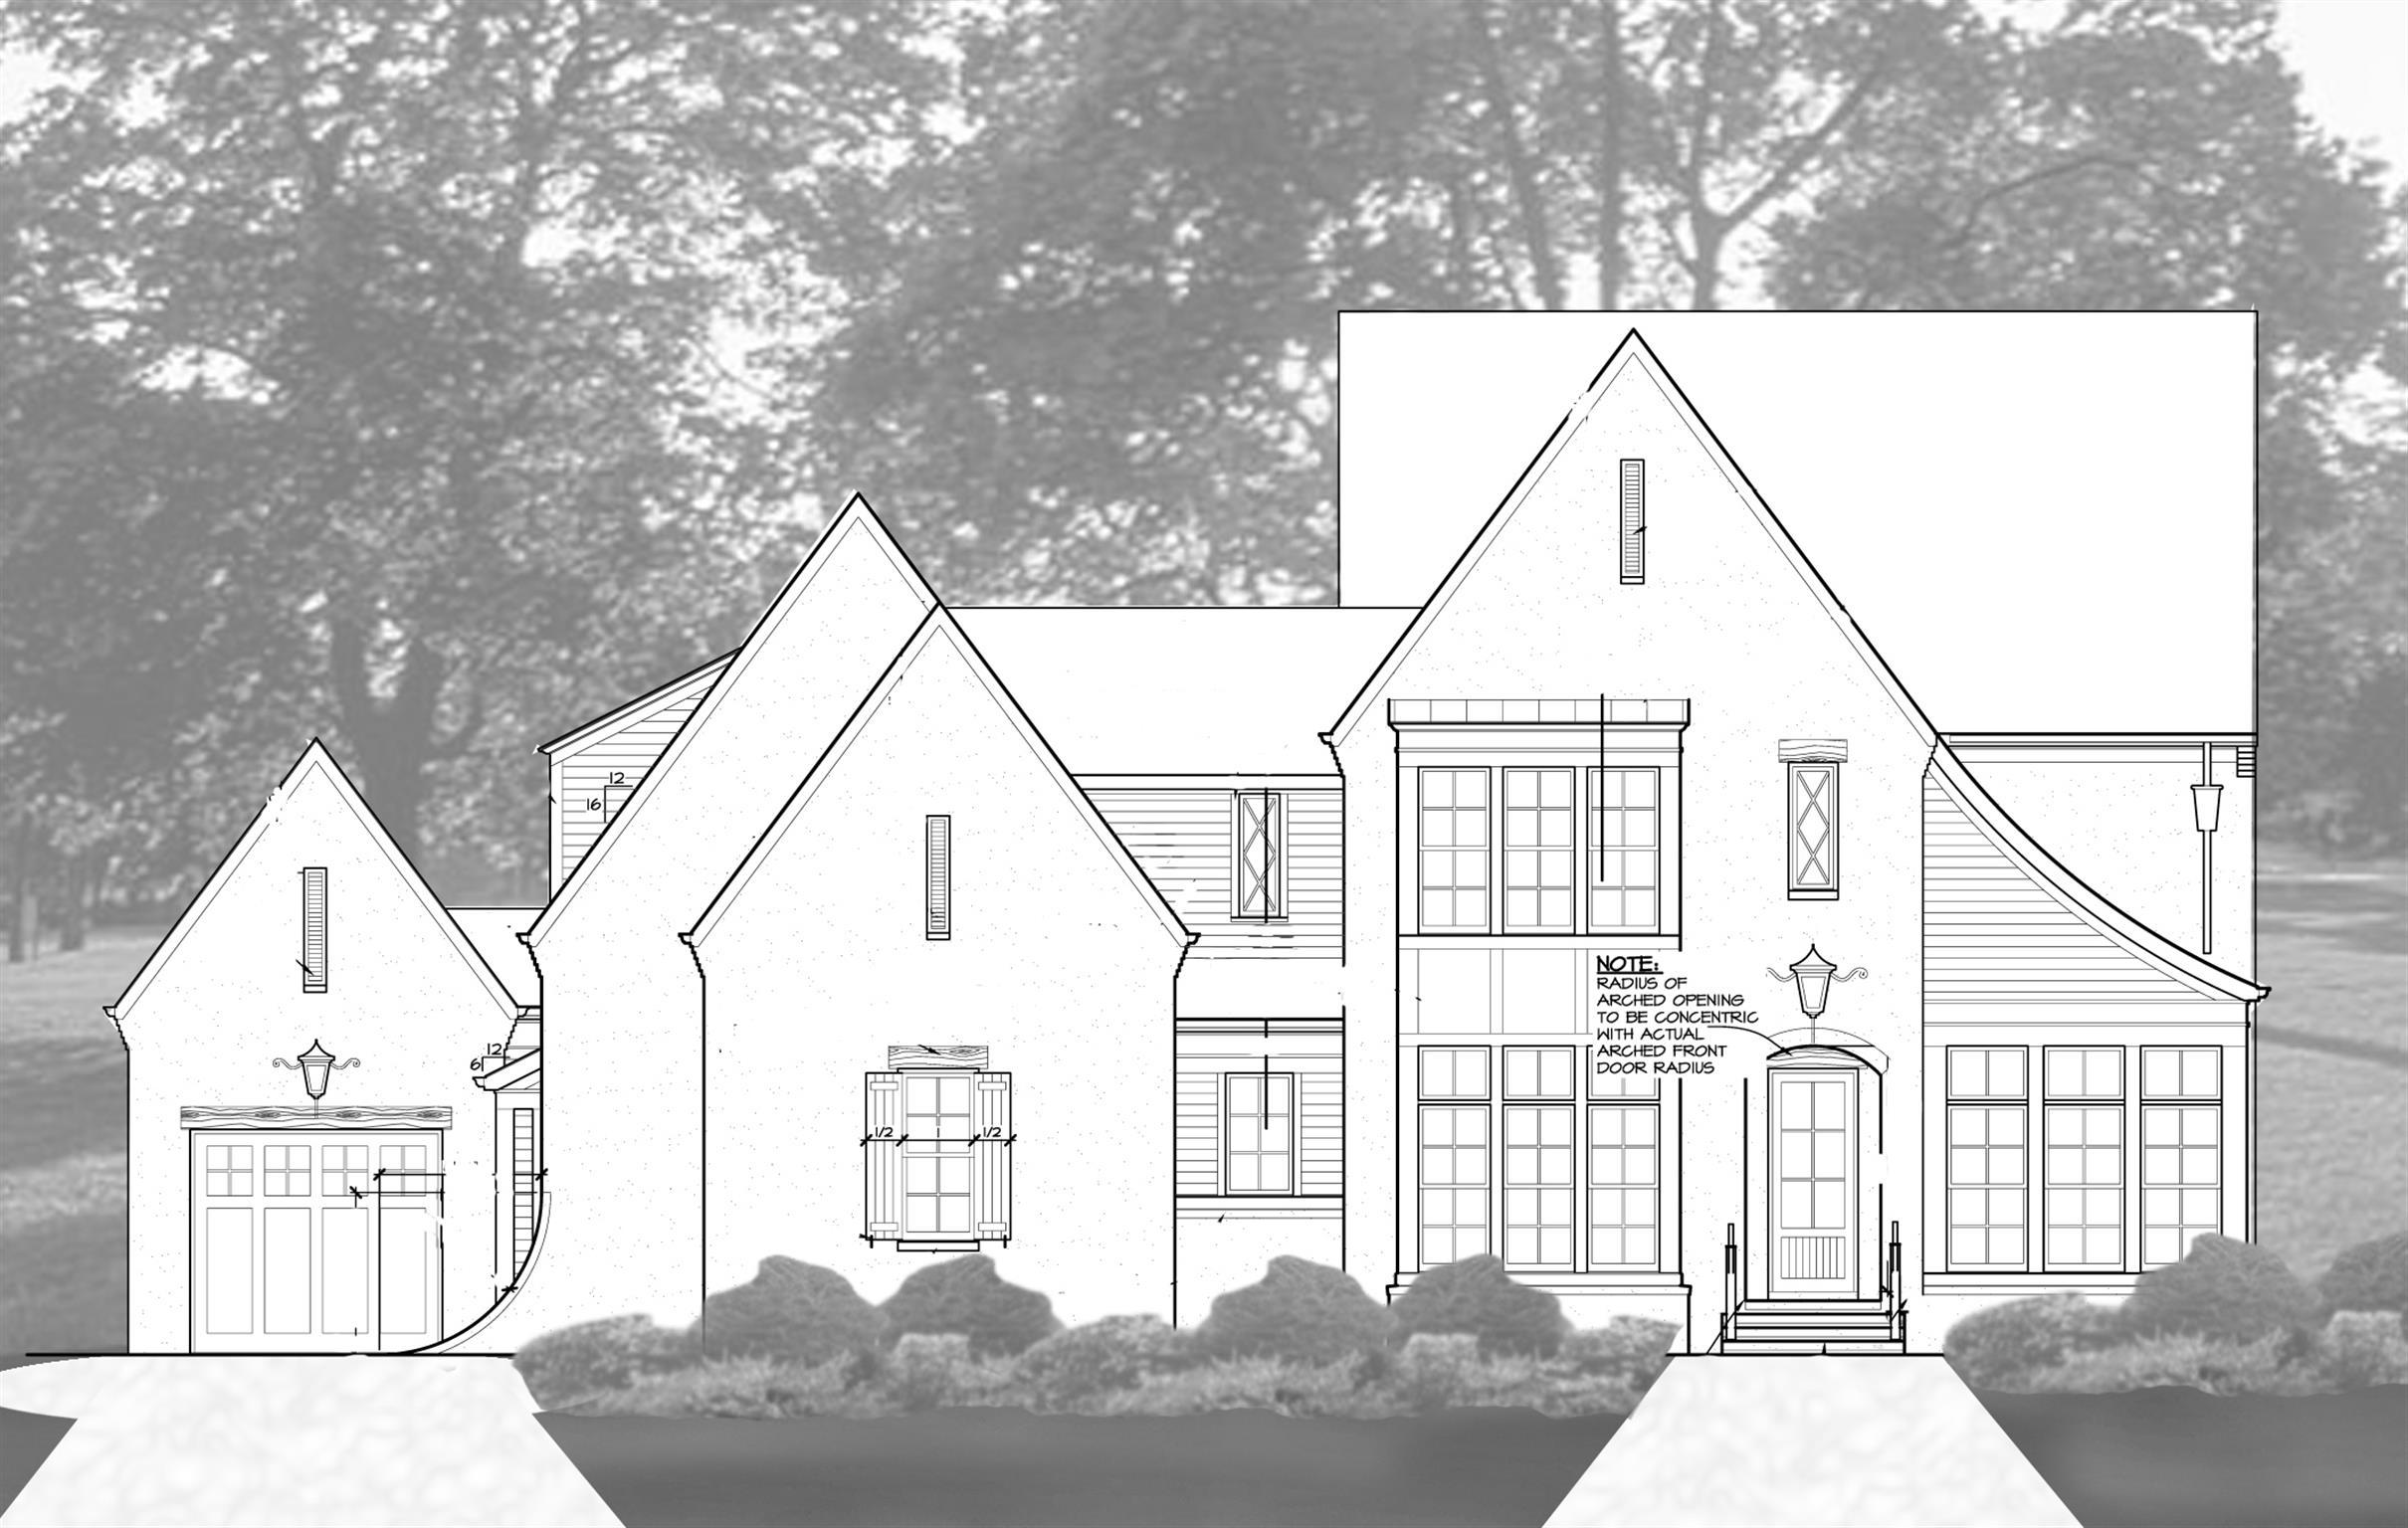 0 Farmstead Ln - Lot 2, Franklin, TN 37064 - Franklin, TN real estate listing